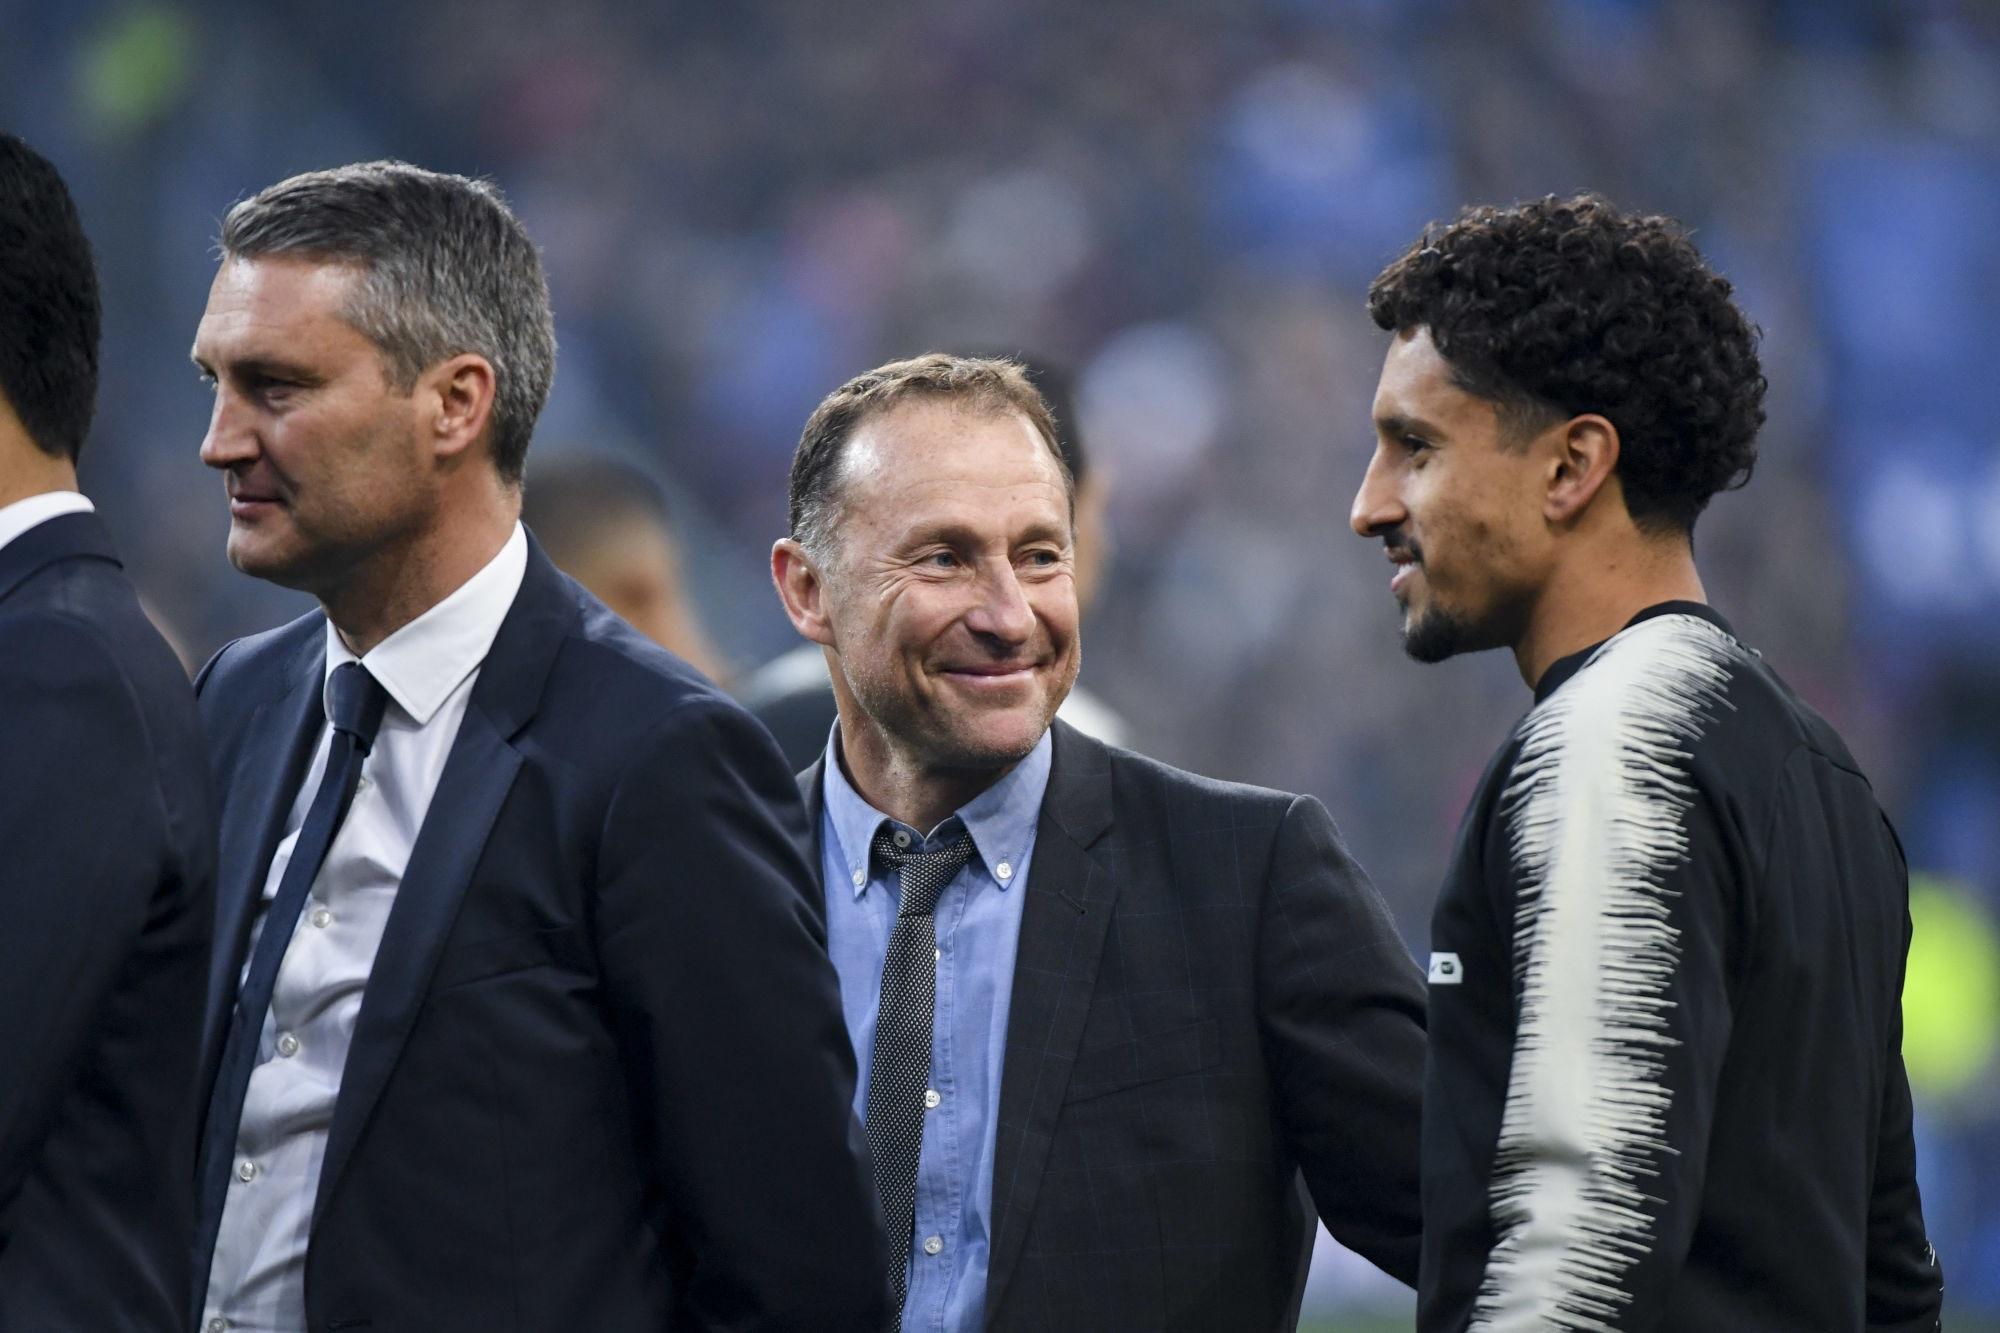 """PSG/Bayern - Papin va supporter le PSG """"J'espère que Paris va gagner la Ligue des Champions"""""""